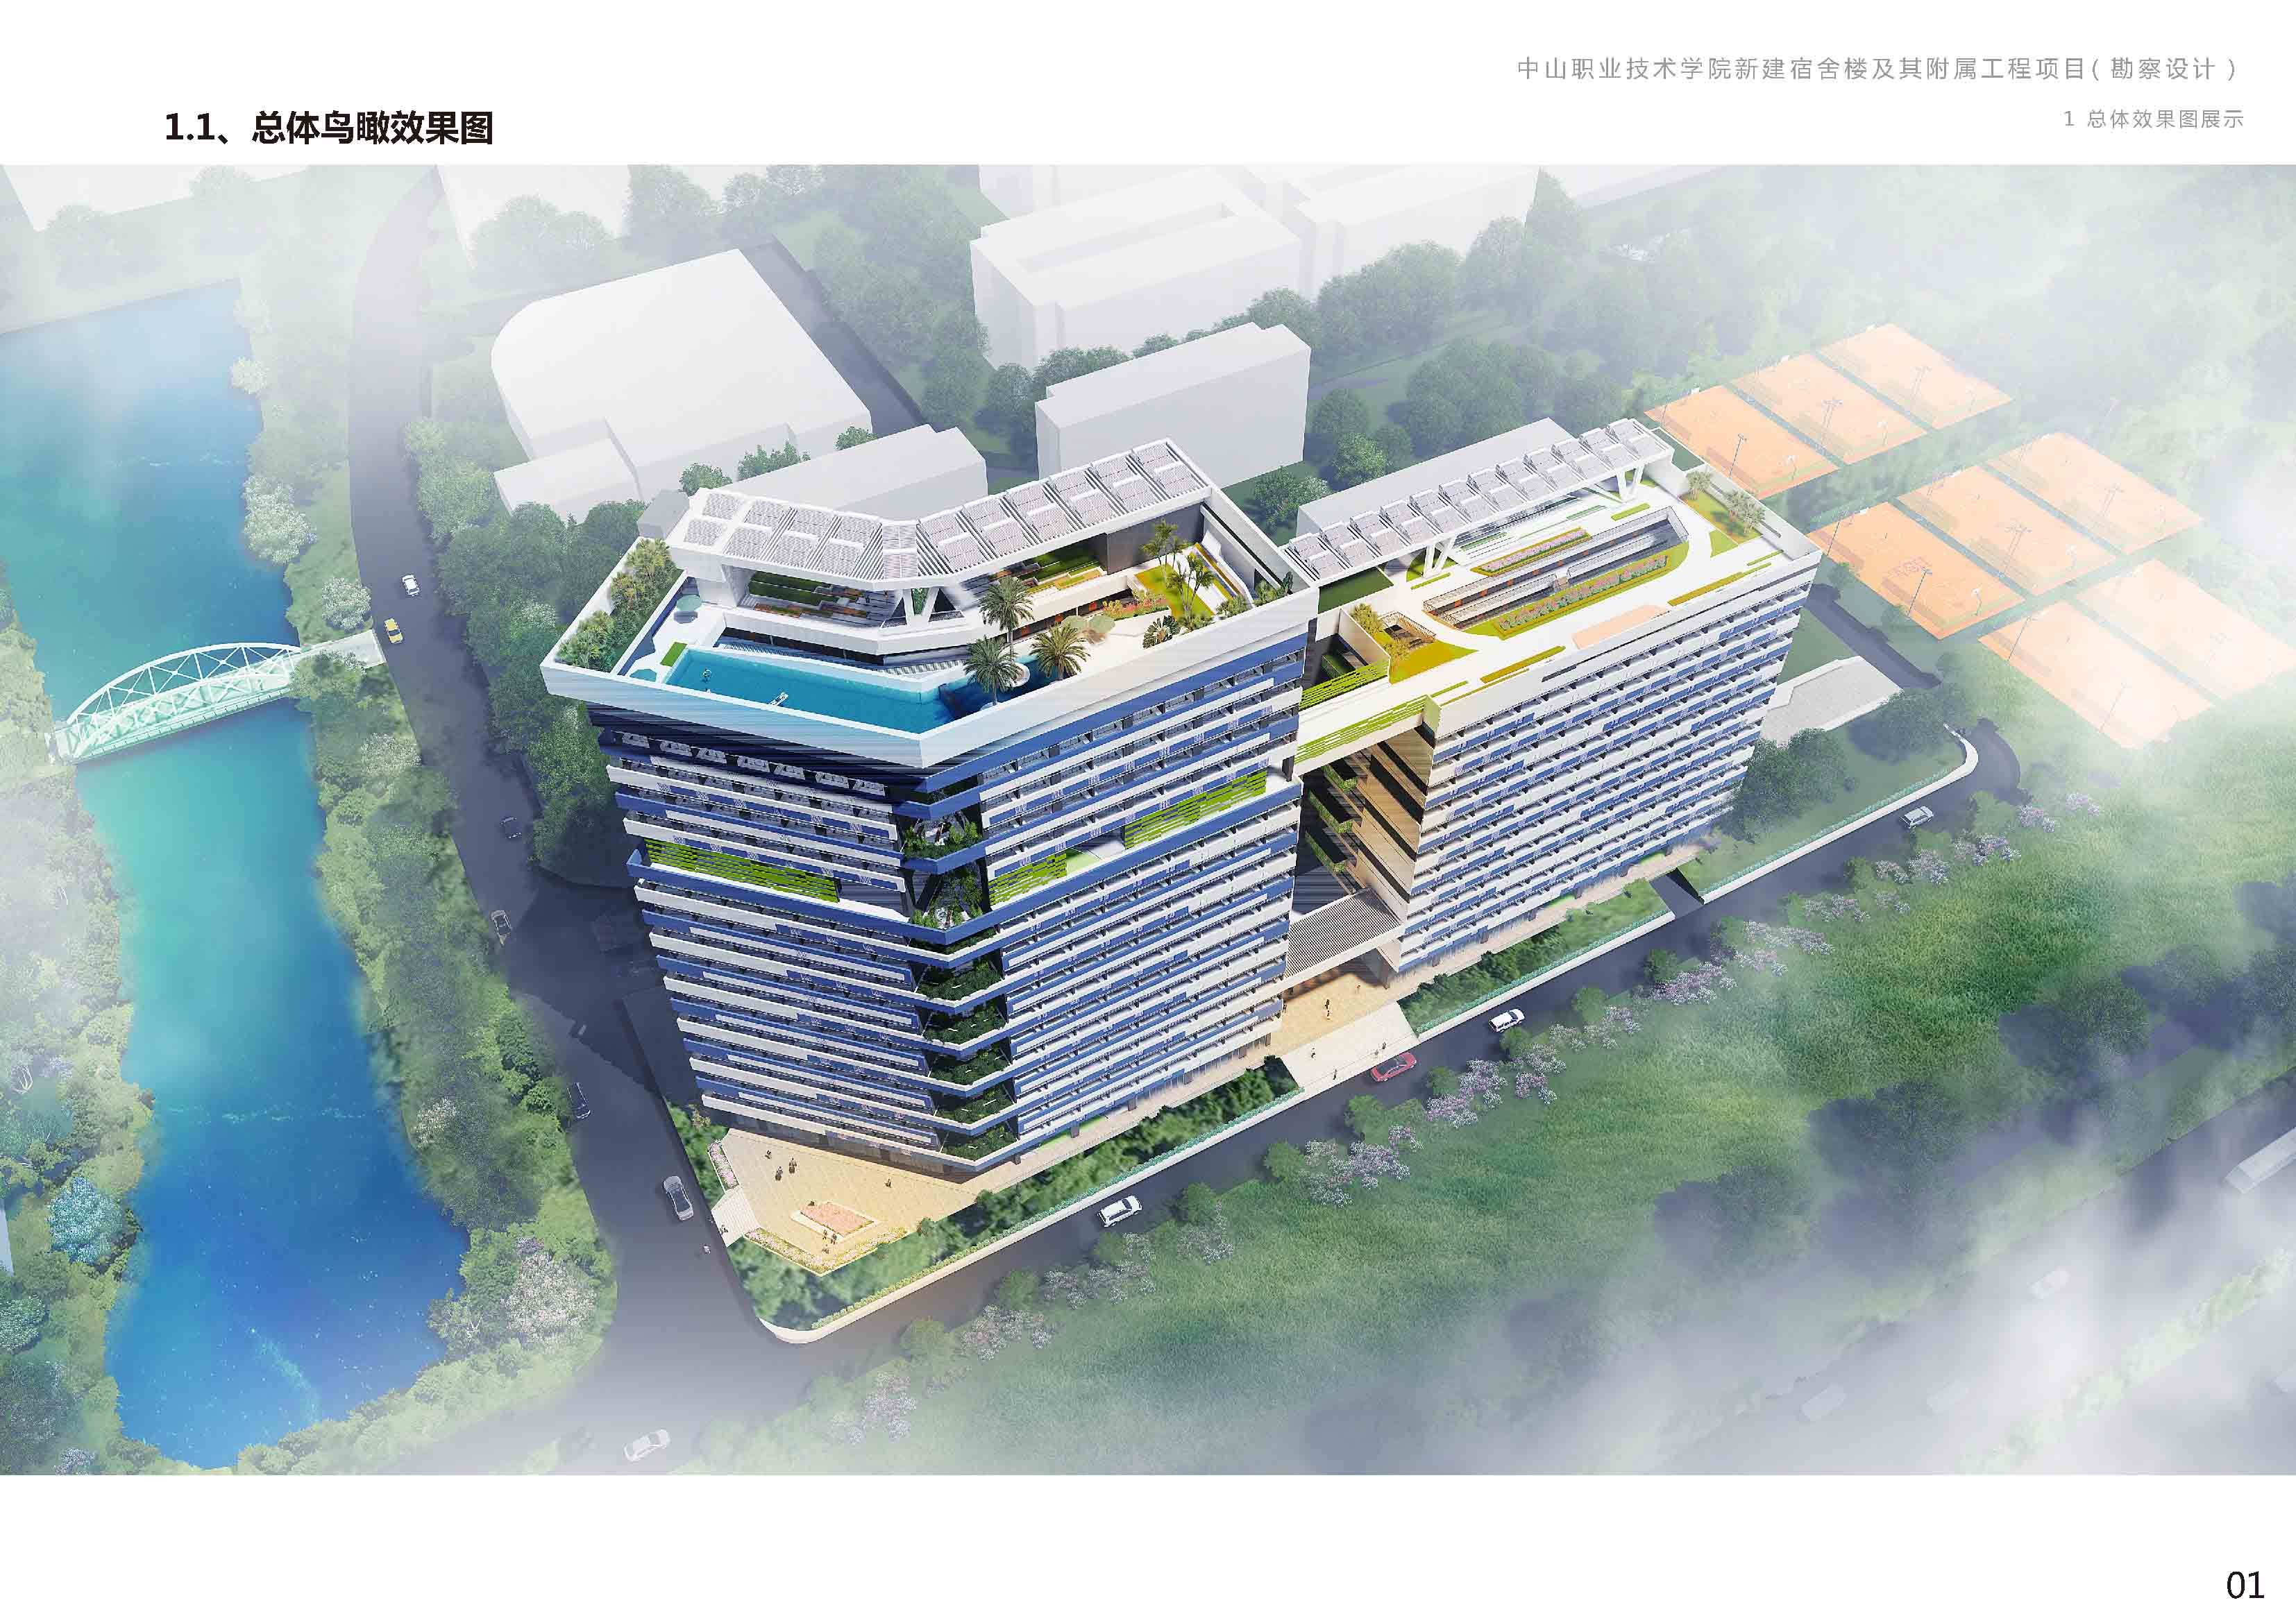 中山职业技术学院新建宿舍楼及其附属工程项目